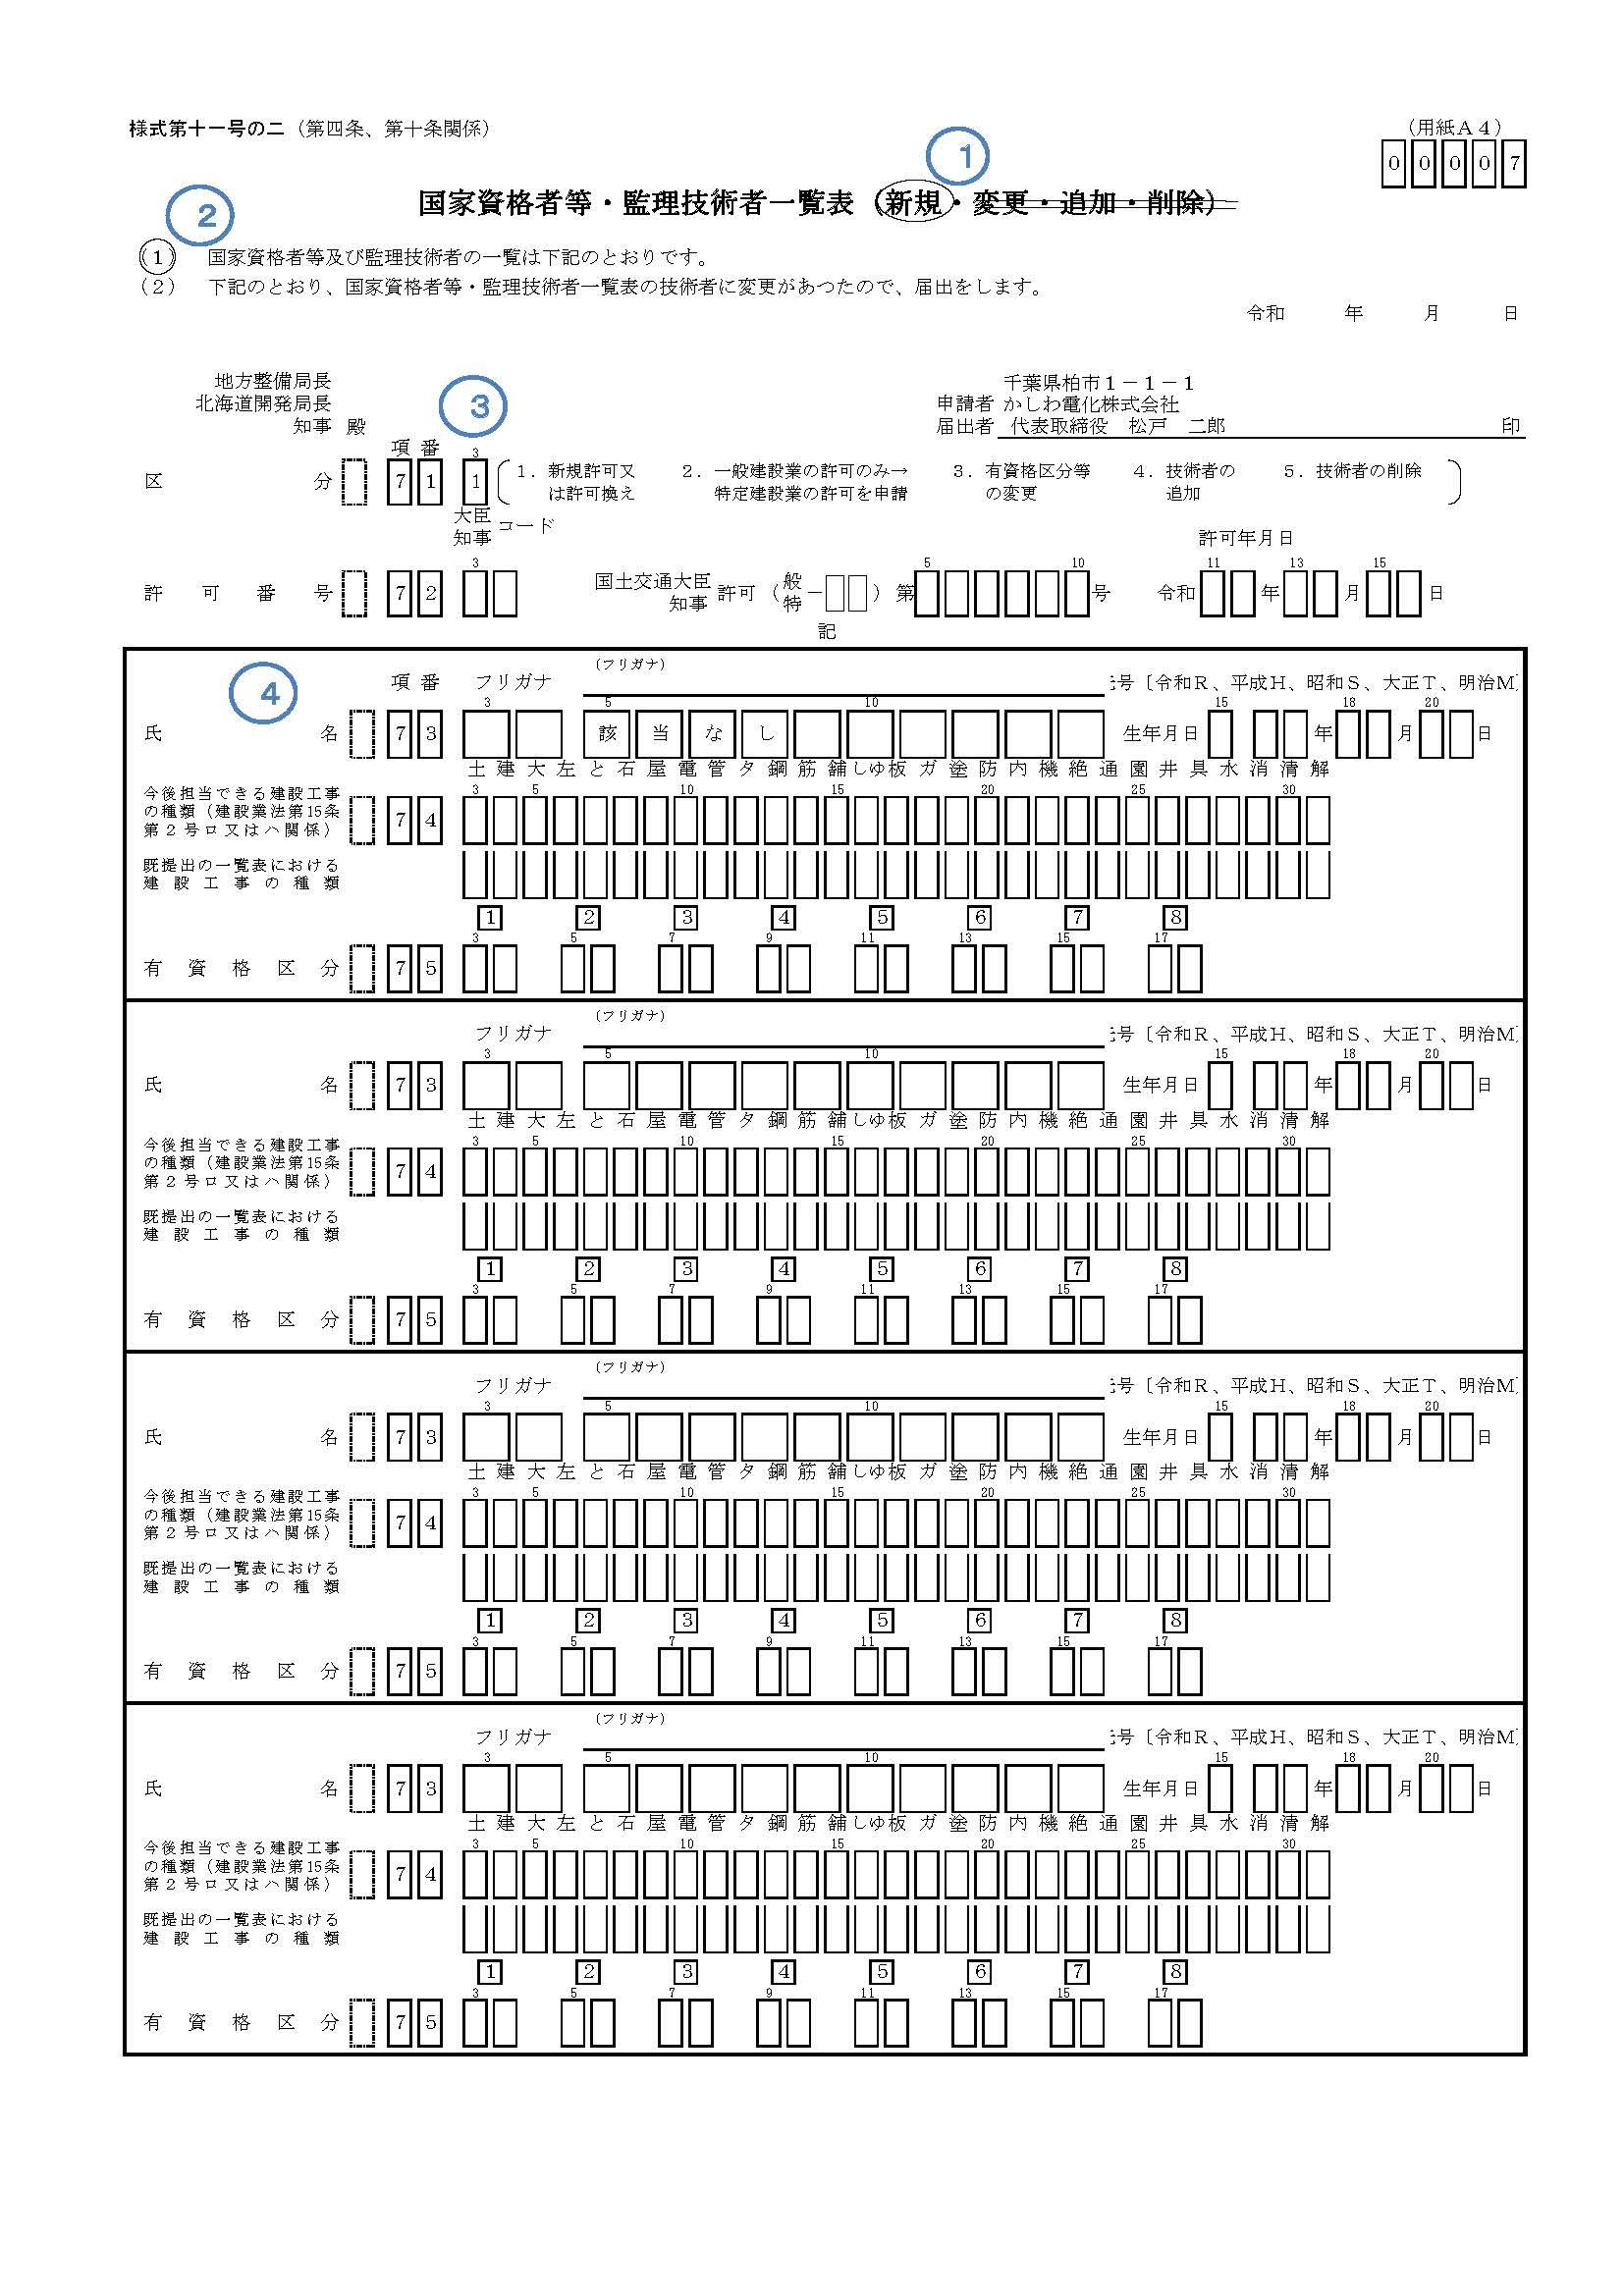 【建設業許可を自分で申請】国家資格者等・監理技術者一覧表(様式第十一号の二)